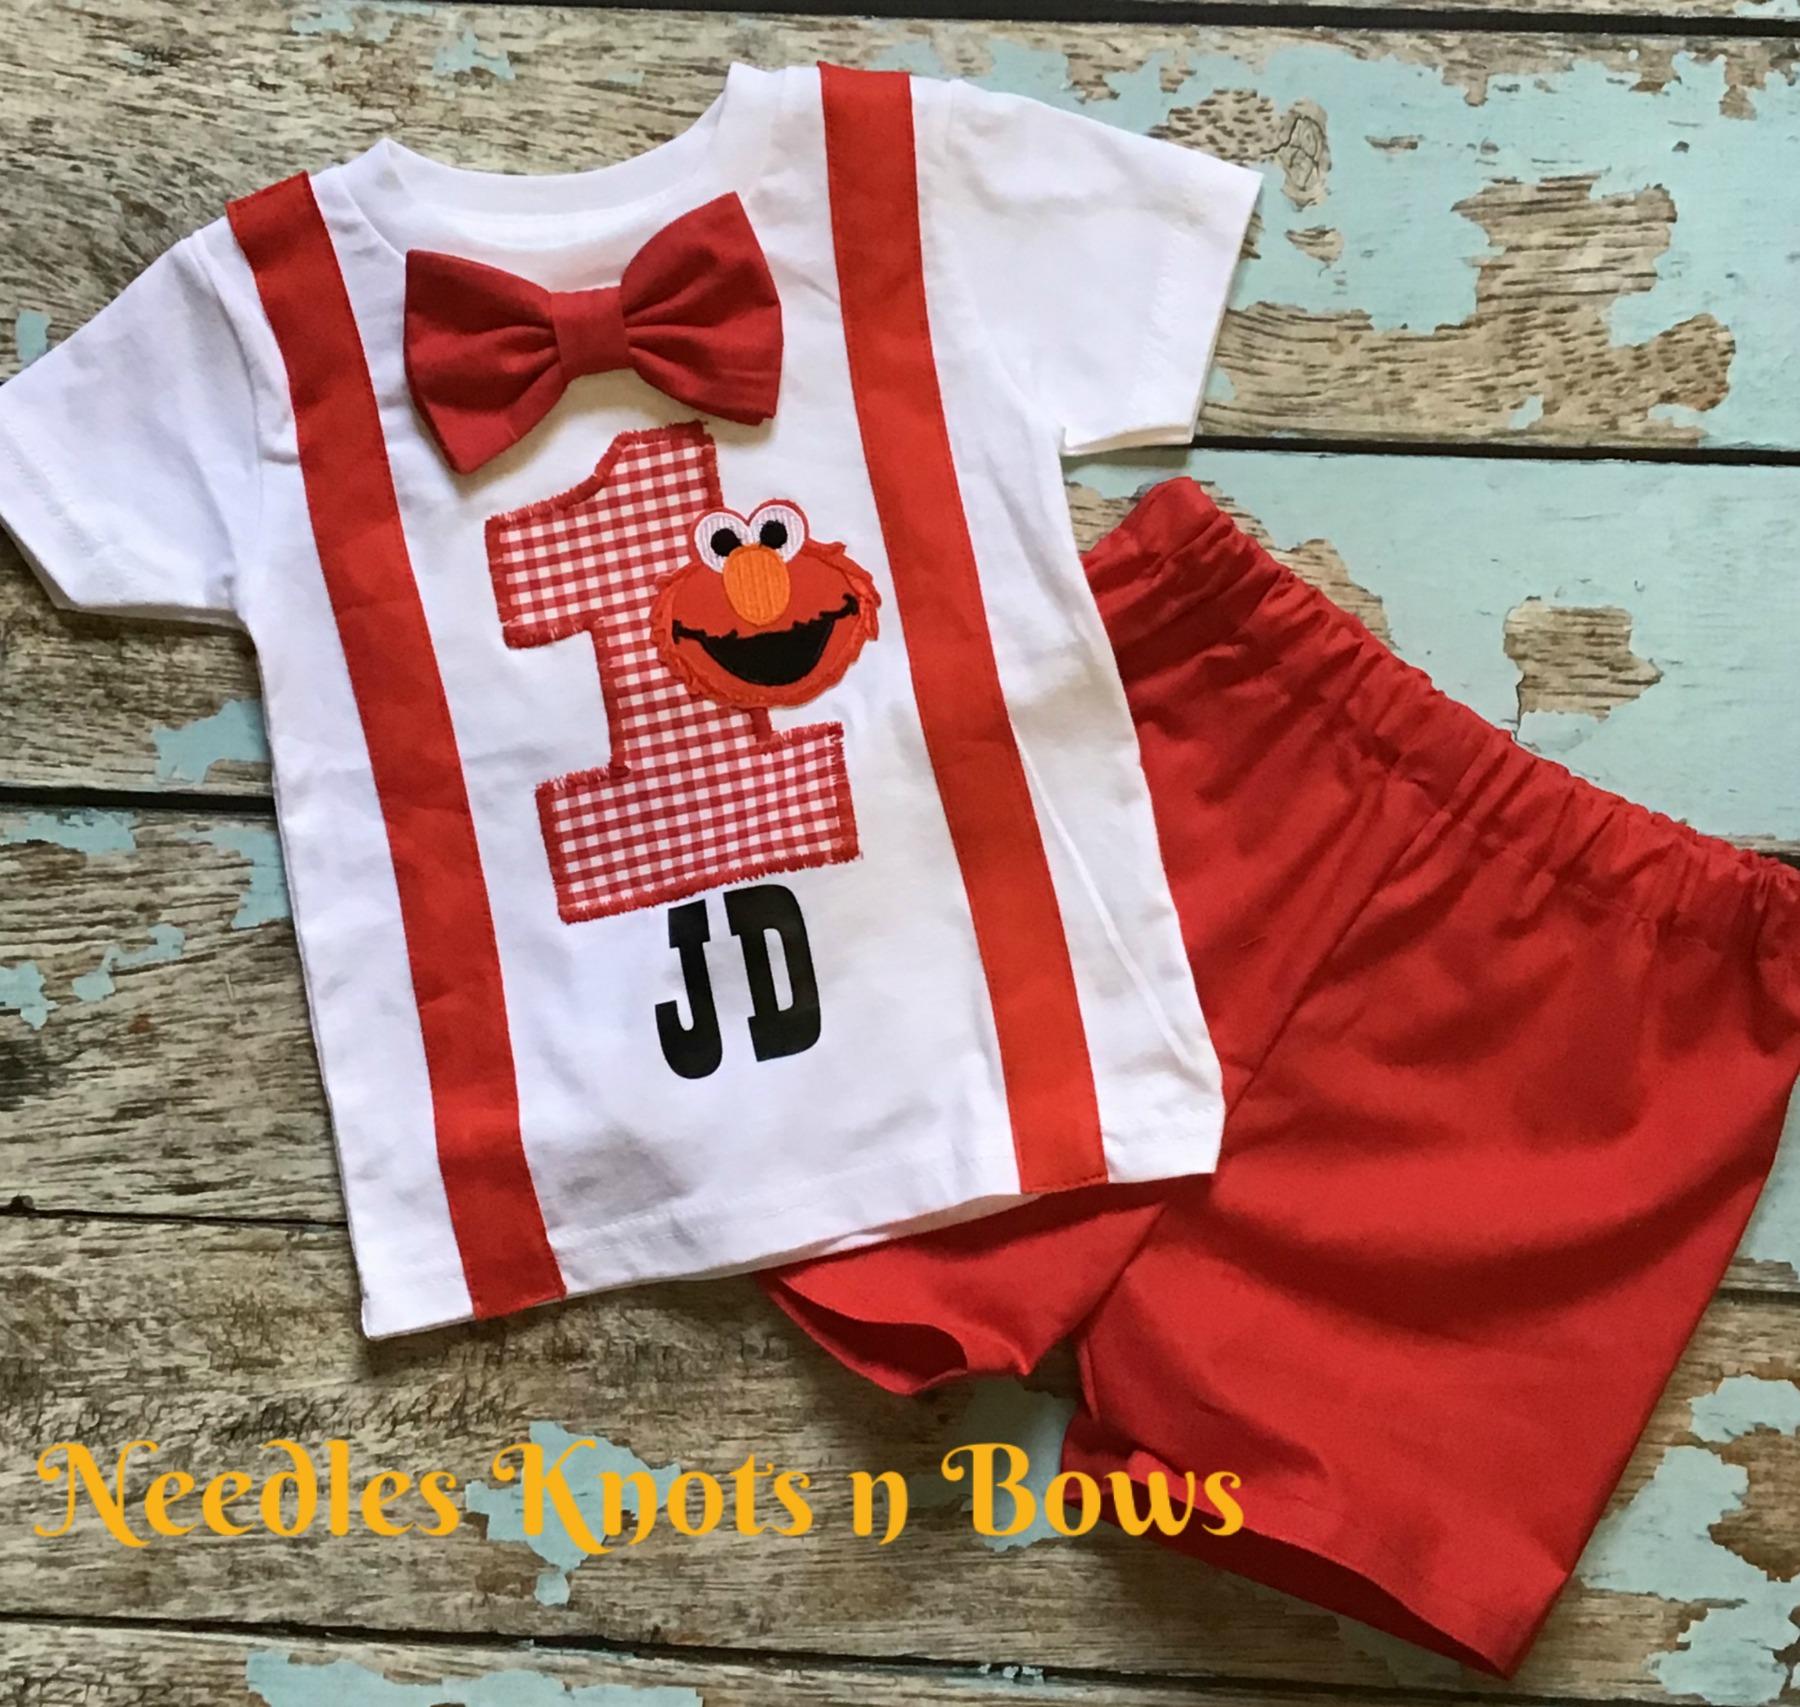 Boys Elmo Birthday Outfit Baby Boys Elmo 1st Birthday Outfit Elmo Birthday Sesame Street Birthday Cake Smash Elmo Birthday Tshirt Shorts Sold By Needles Knots N Bows On Storenvy